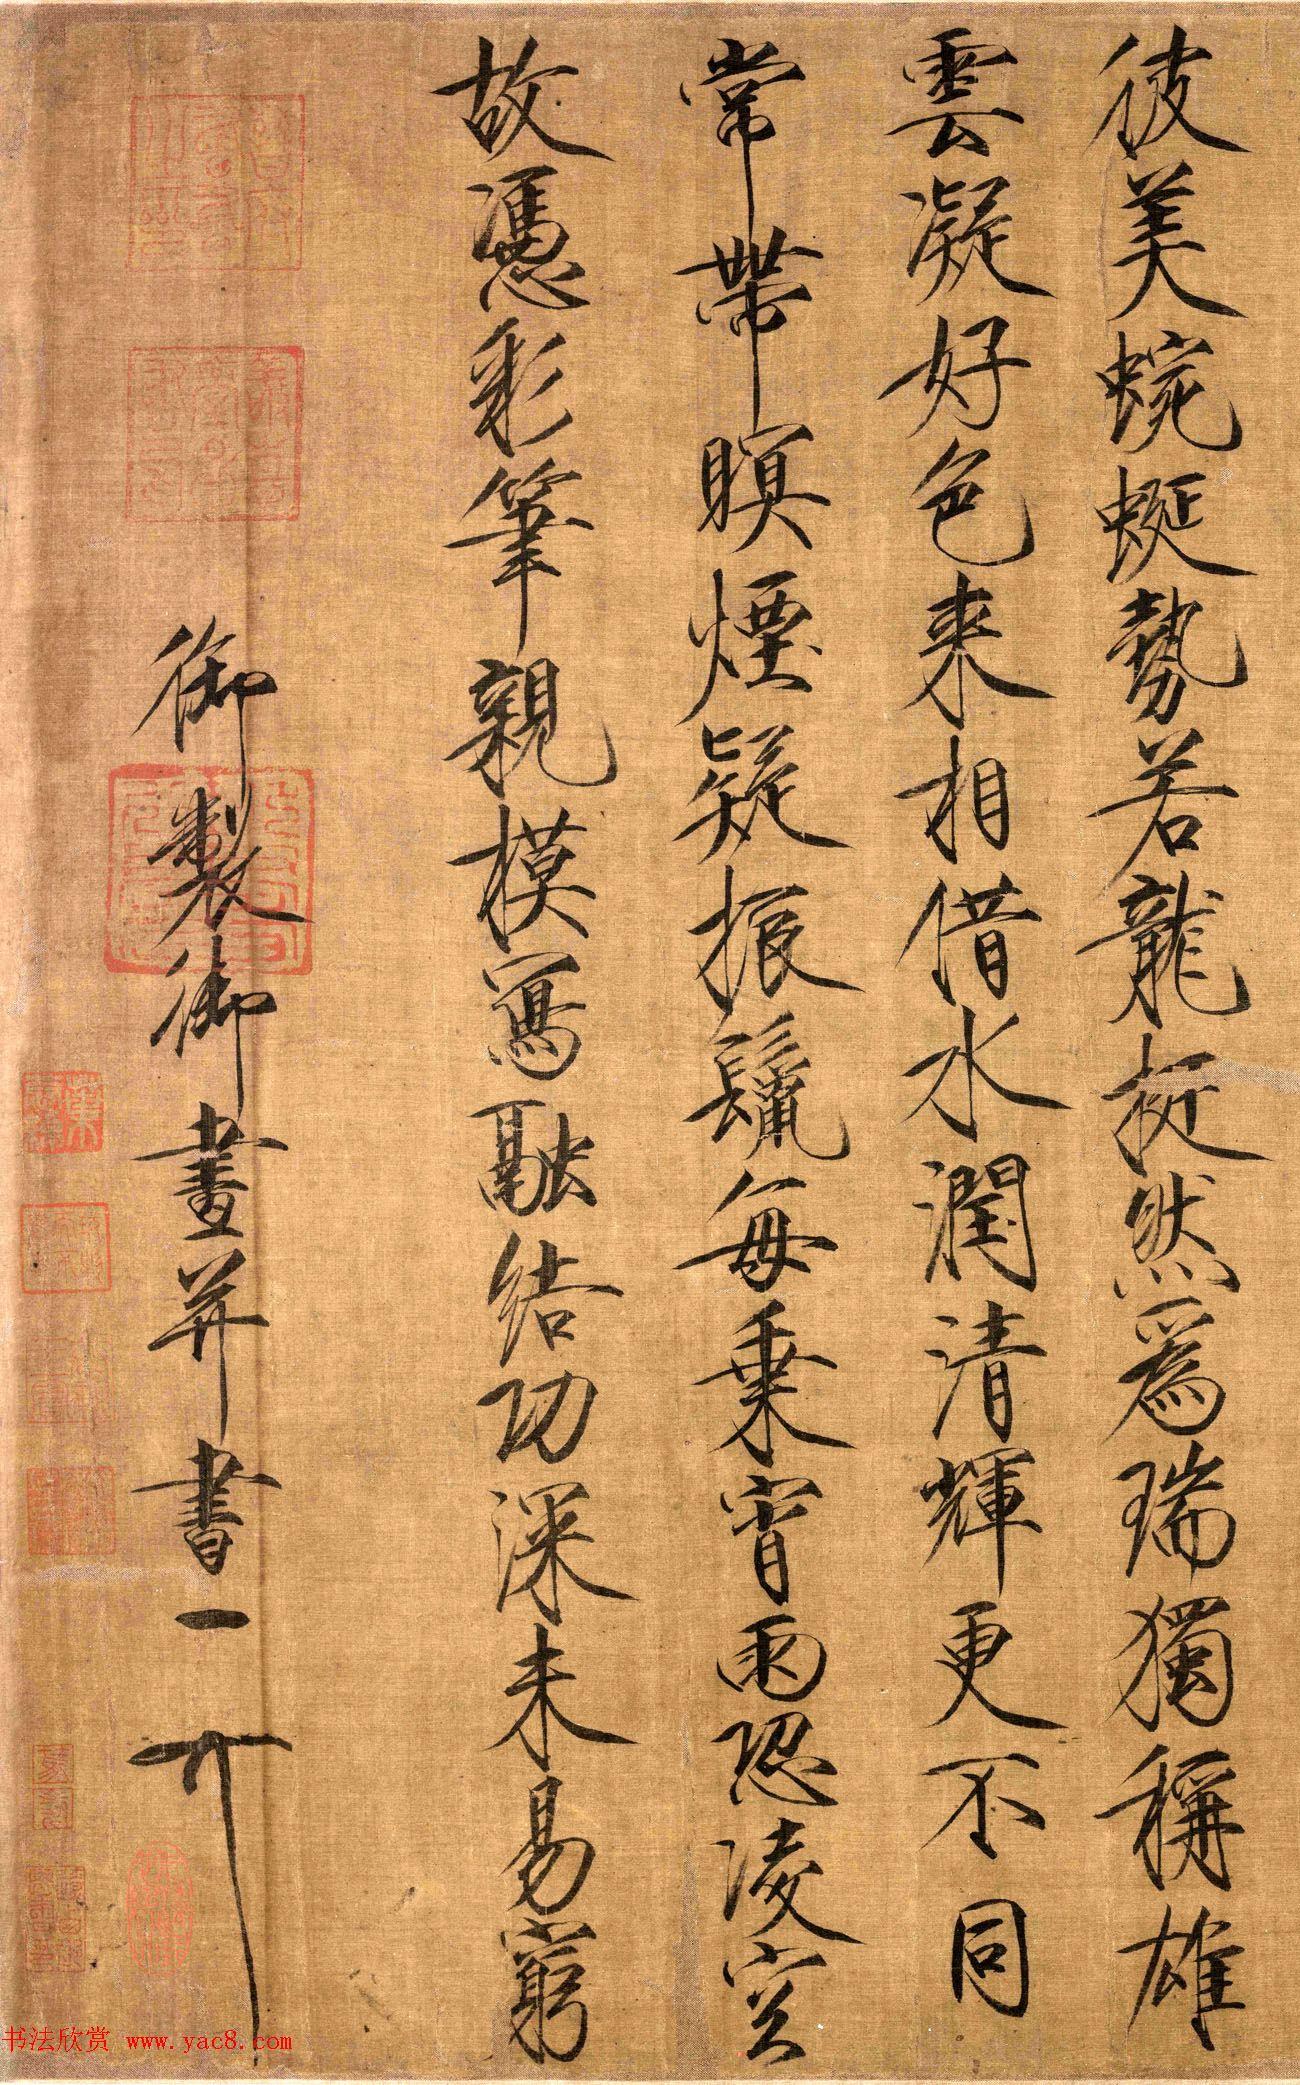 北宋赵佶书画欣赏《祥龙石图卷》高清